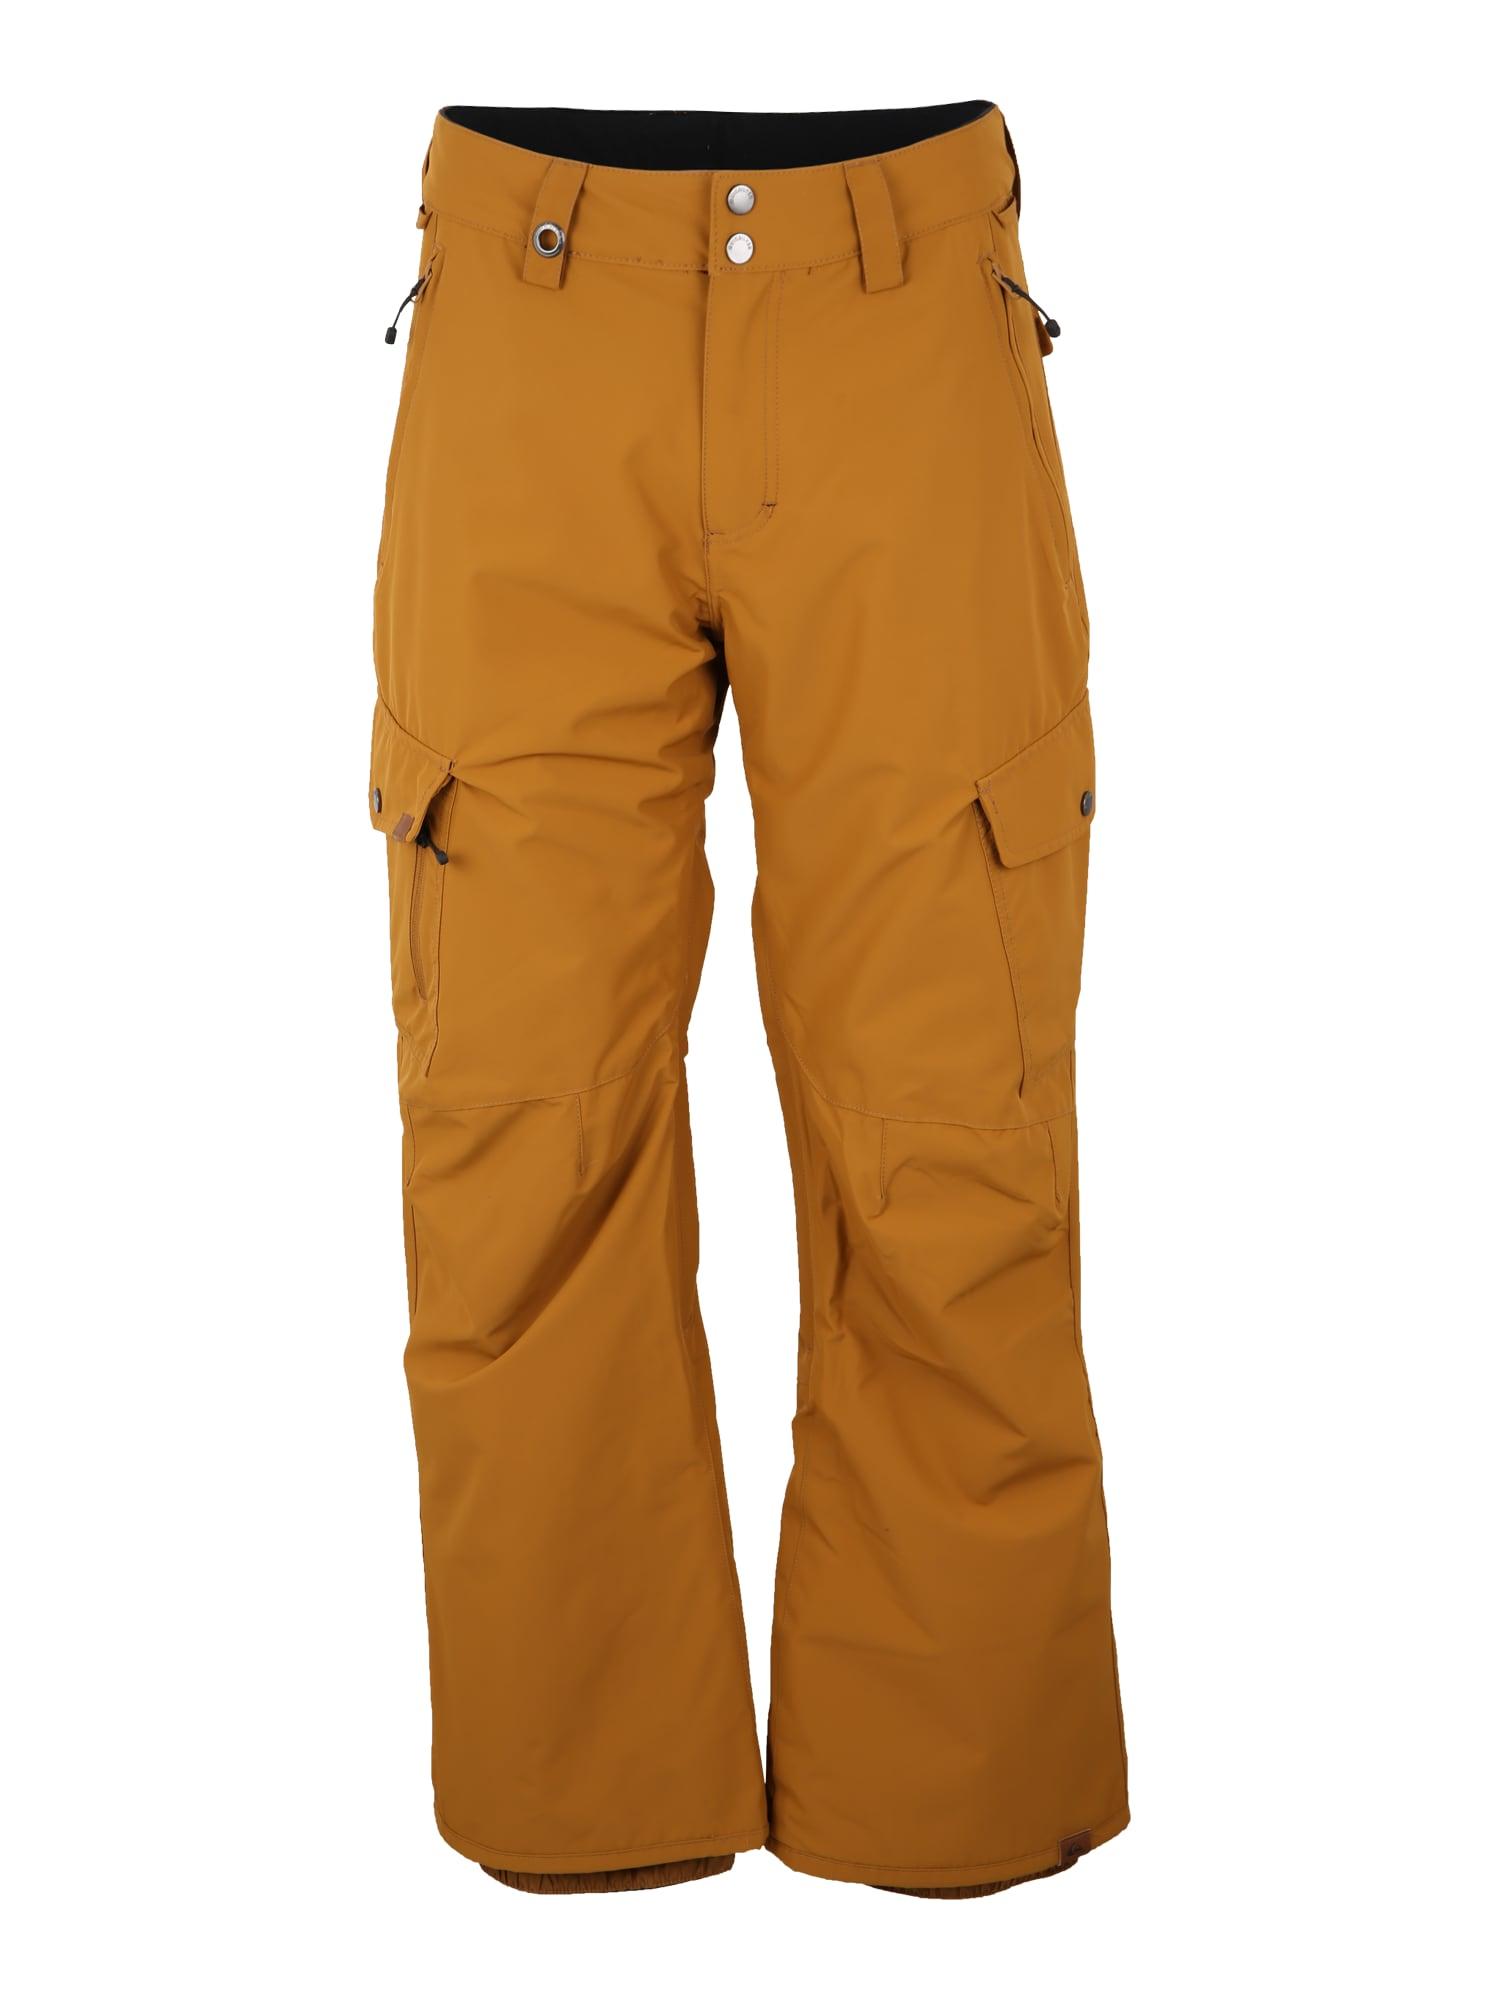 Outdoorové kalhoty PORTER koňaková QUIKSILVER